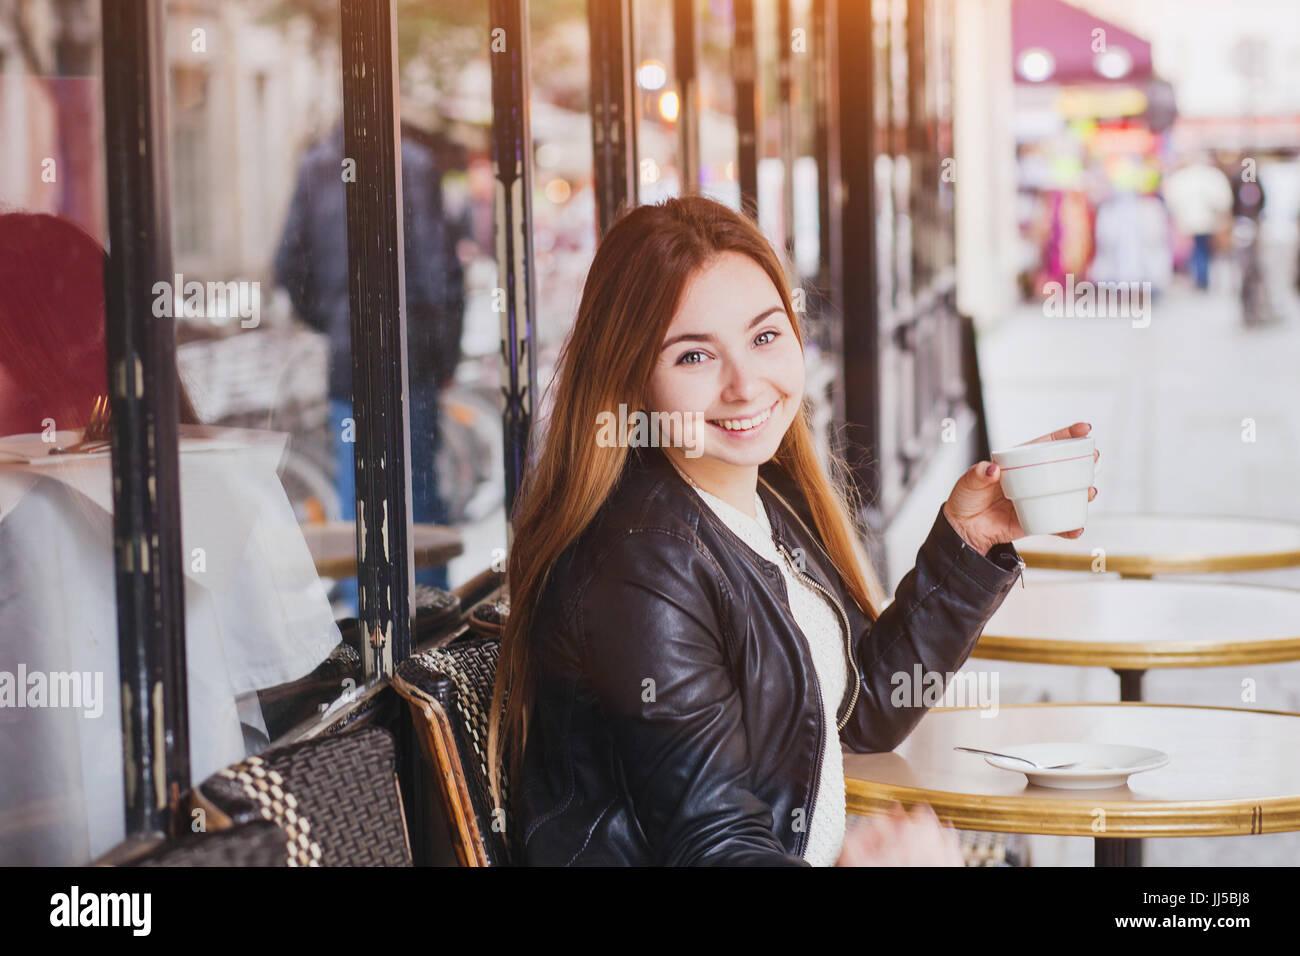 Felice donna sorridente di bere il caffè in street cafe e guardando la telecamera, buon umore Immagini Stock